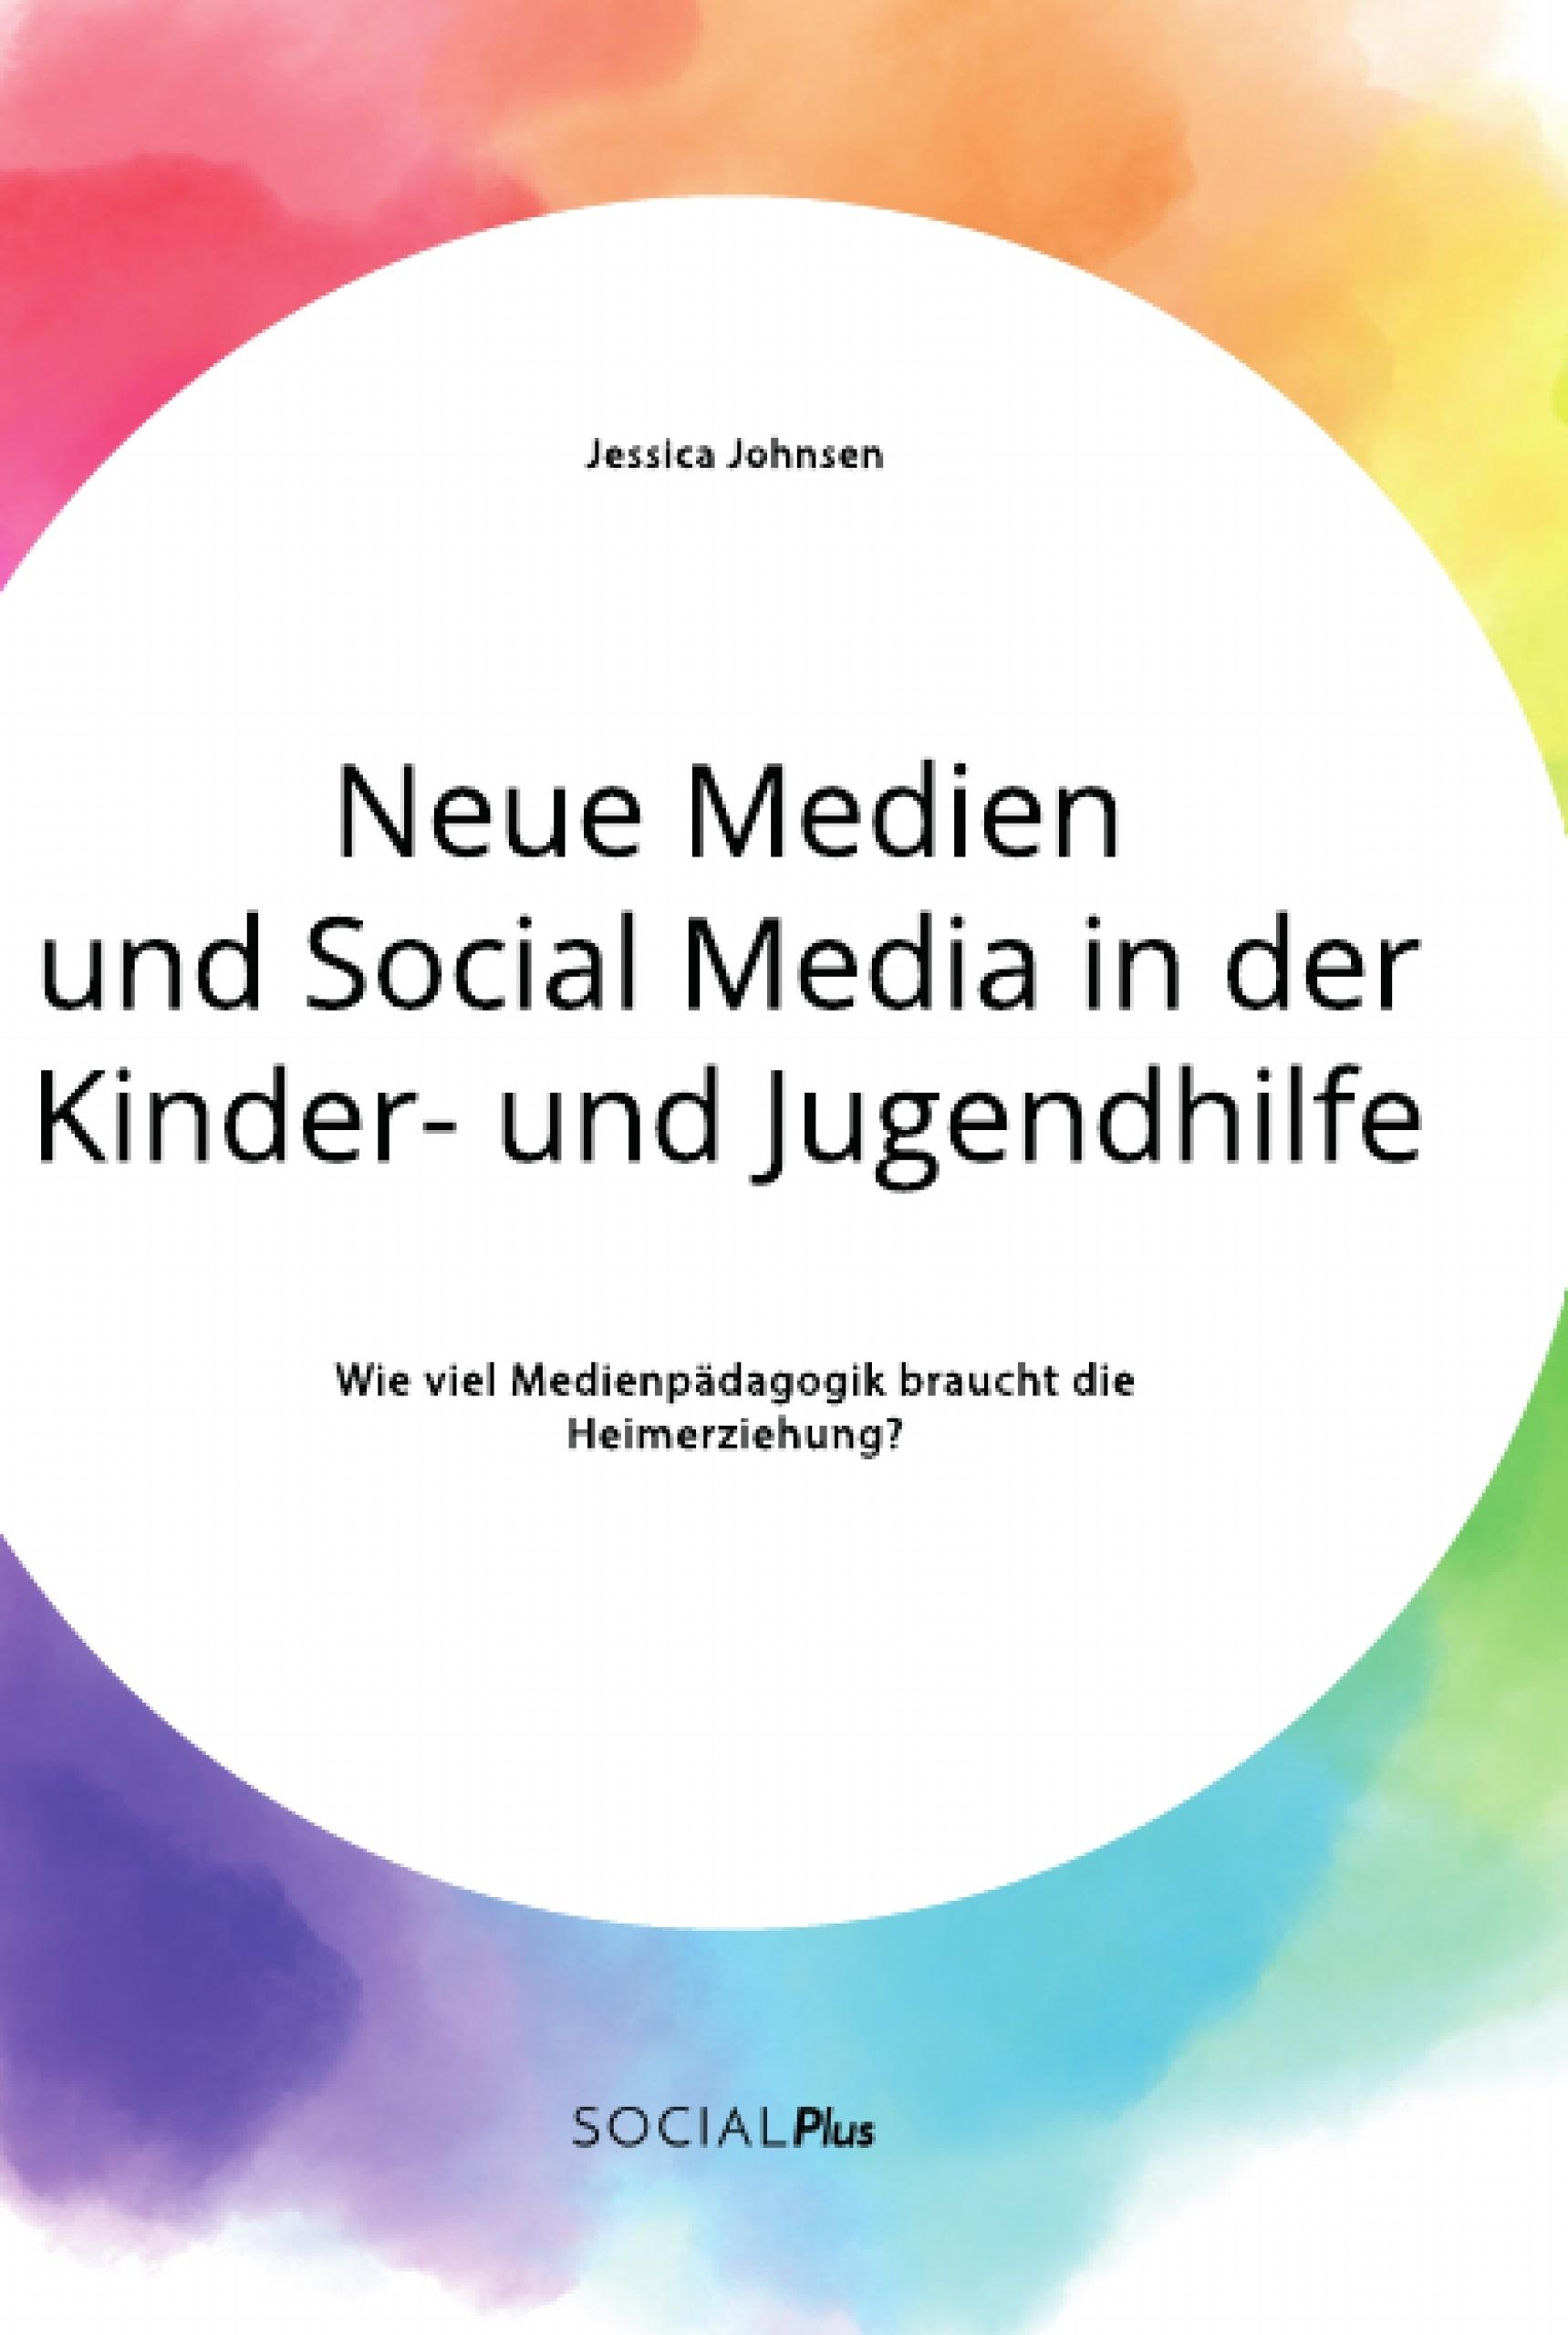 Titel: Neue Medien und Social Media in der Kinder- und Jugendhilfe. Wie viel Medienpädagogik braucht die Heimerziehung?